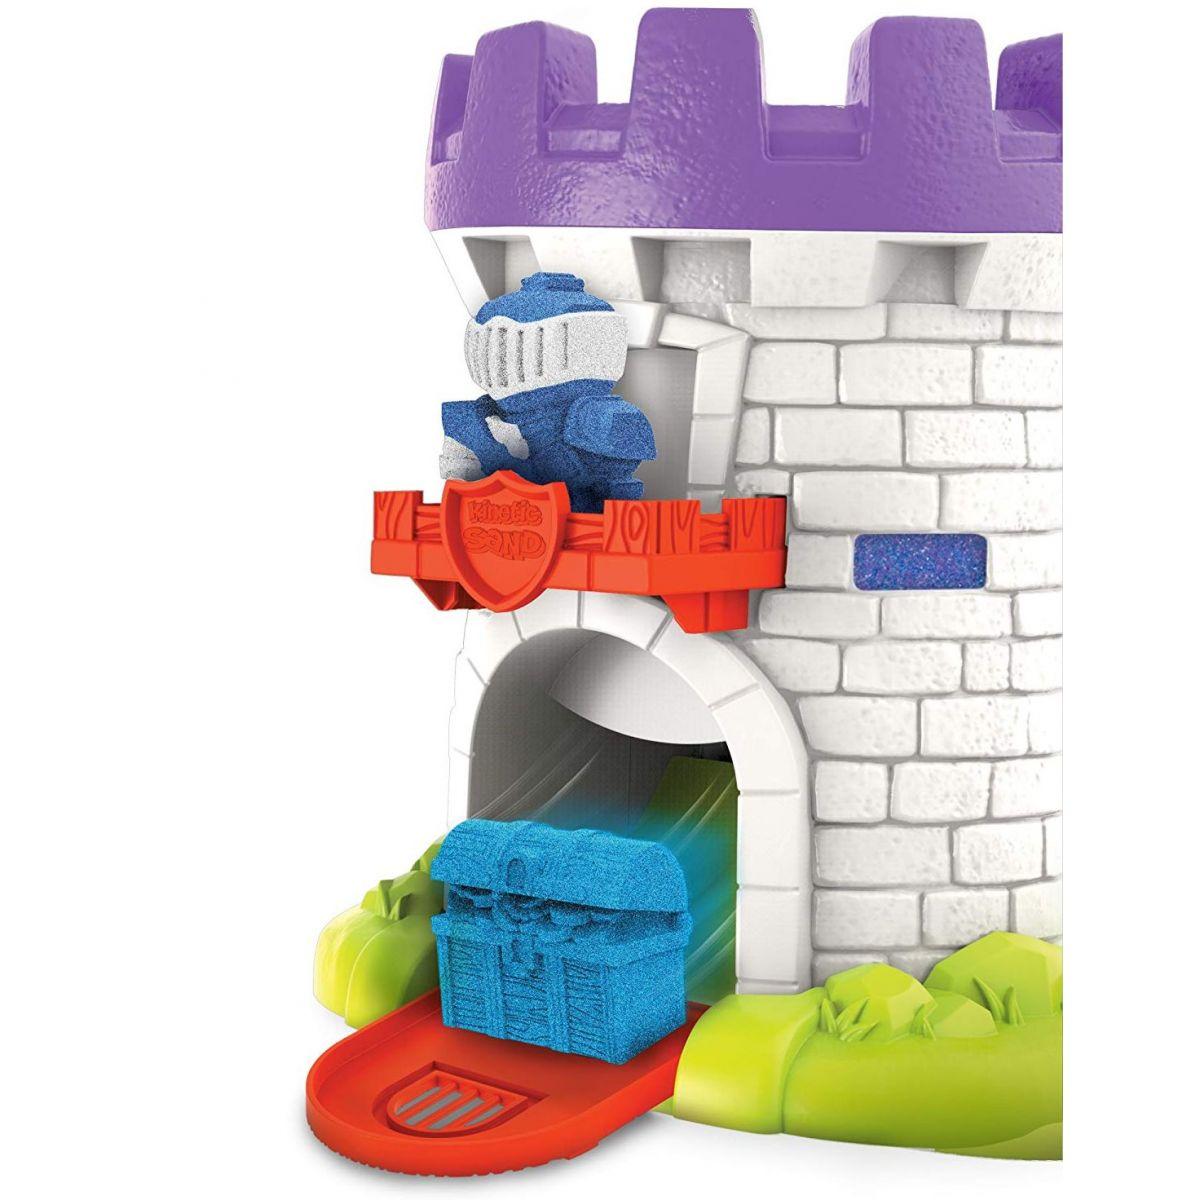 Kinetic Sand středověká věž s doplňky #5